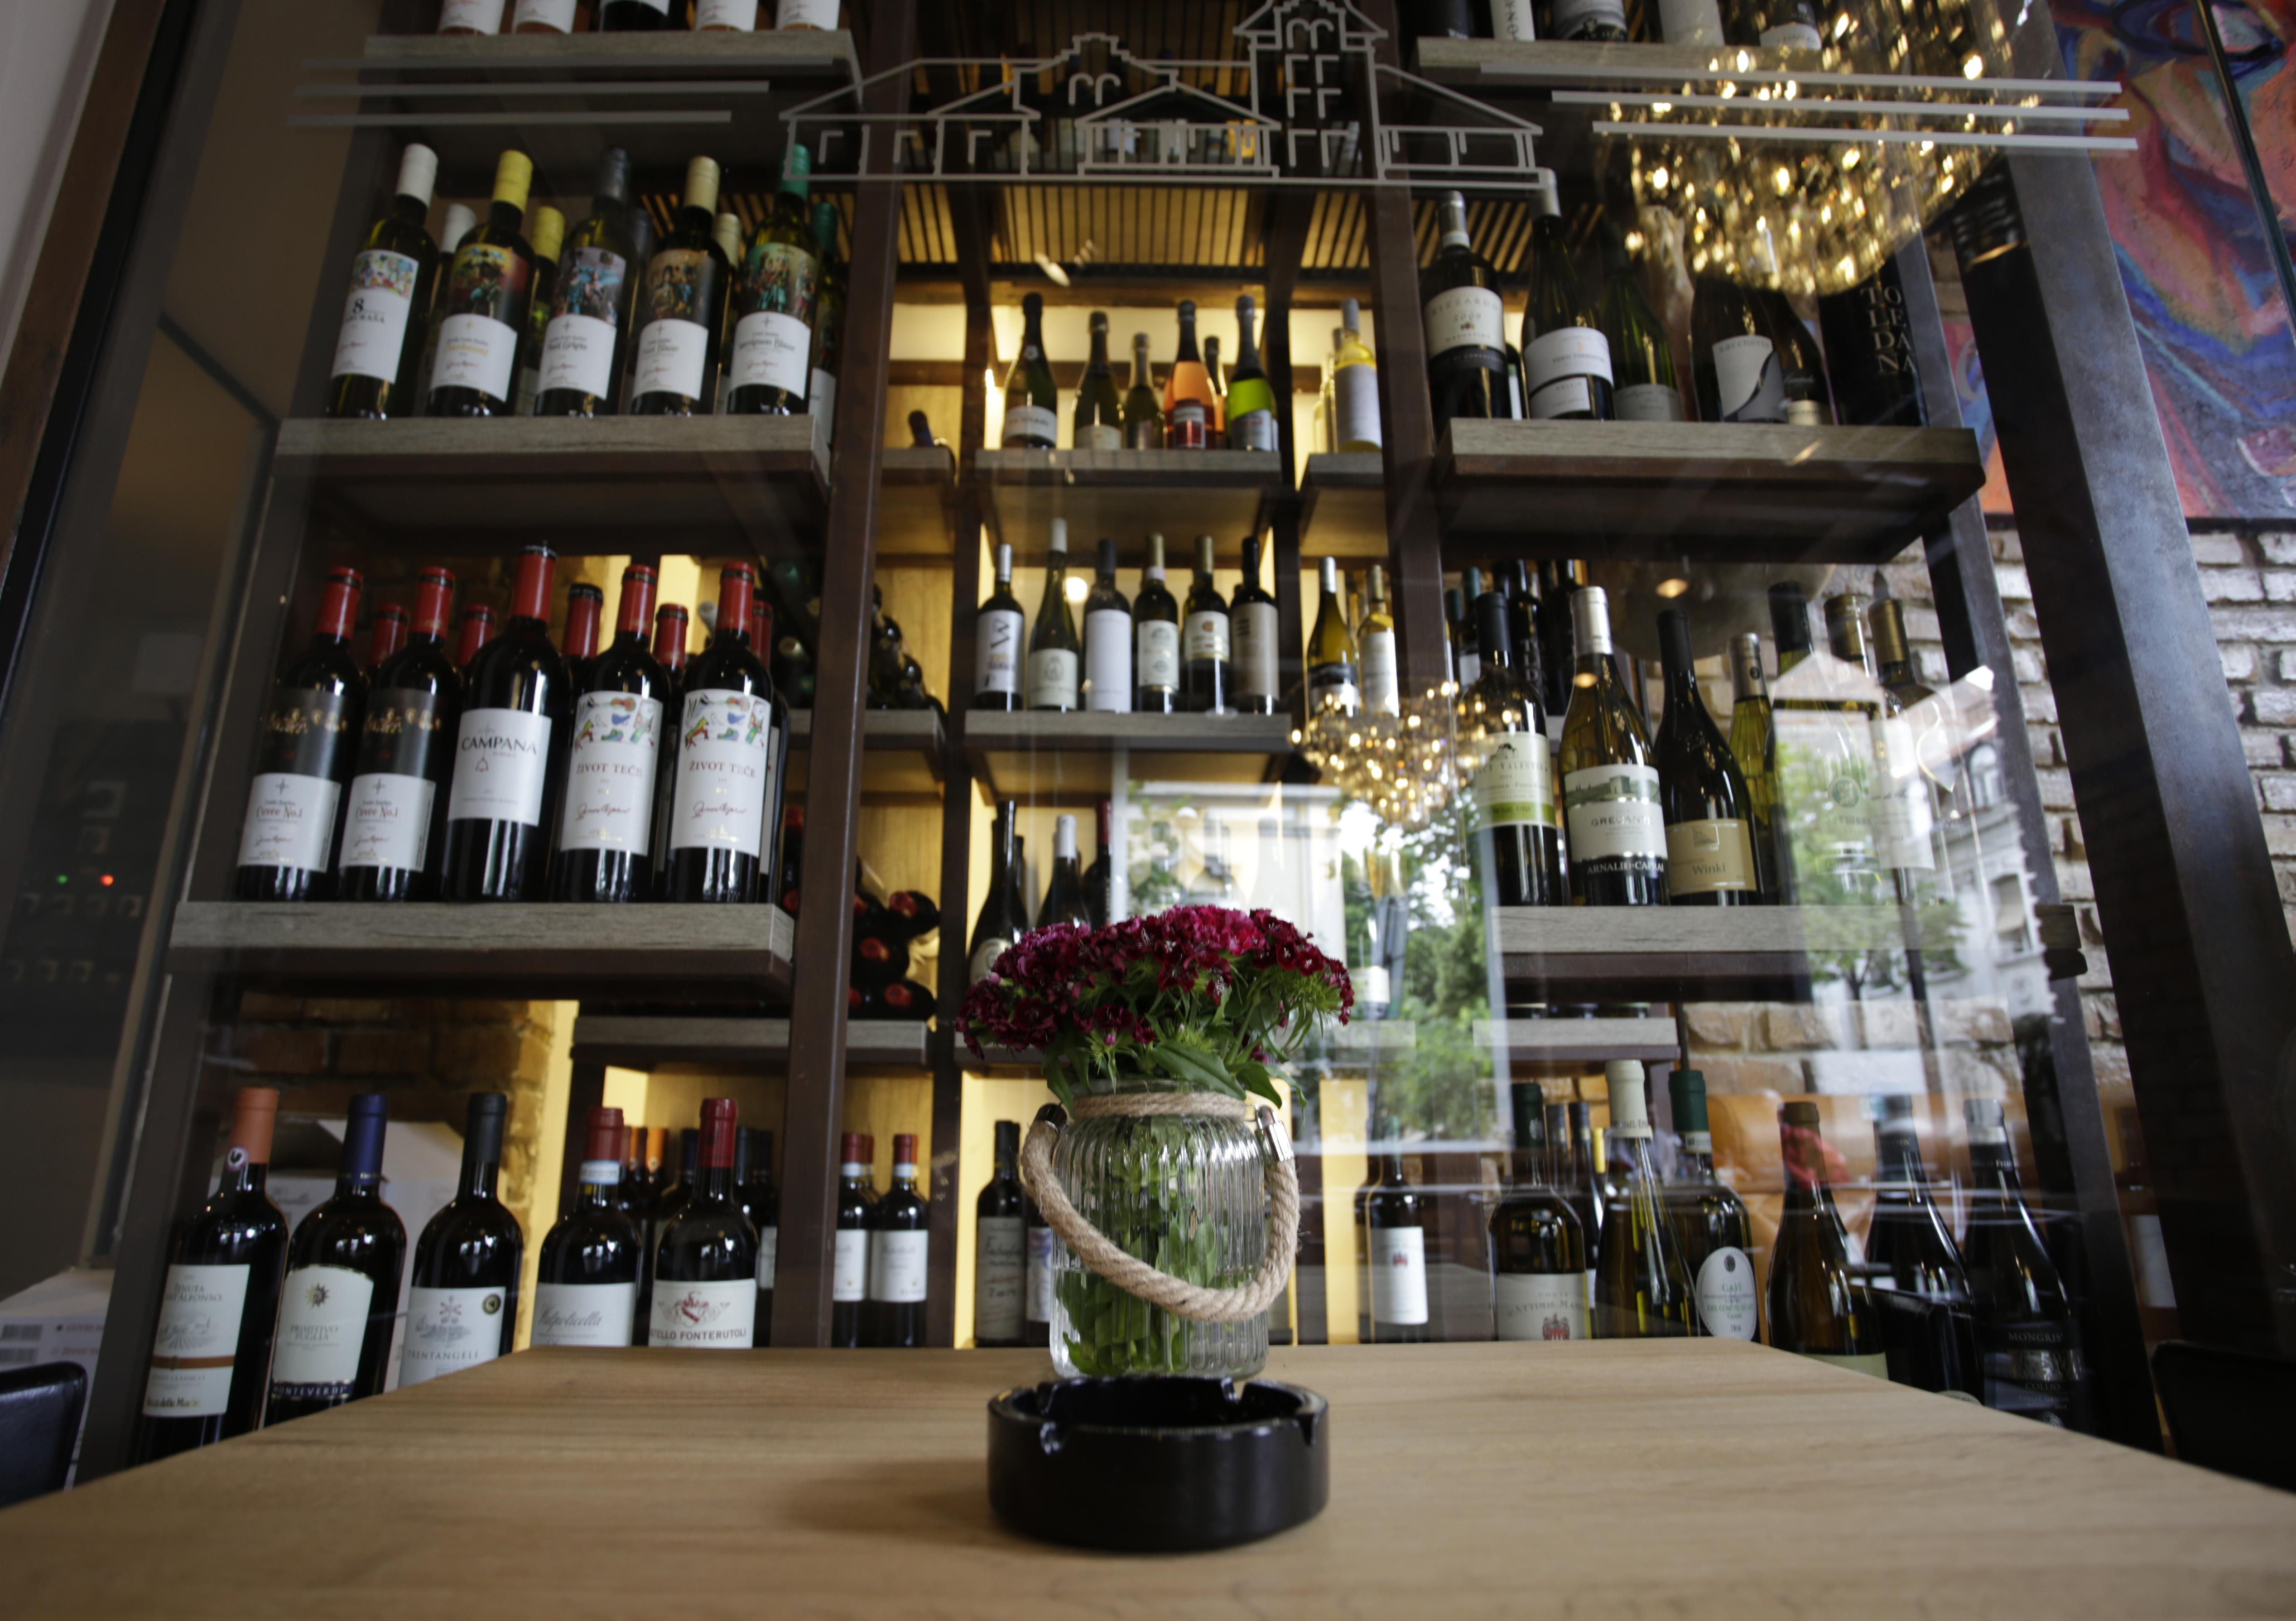 cantina del vino 1